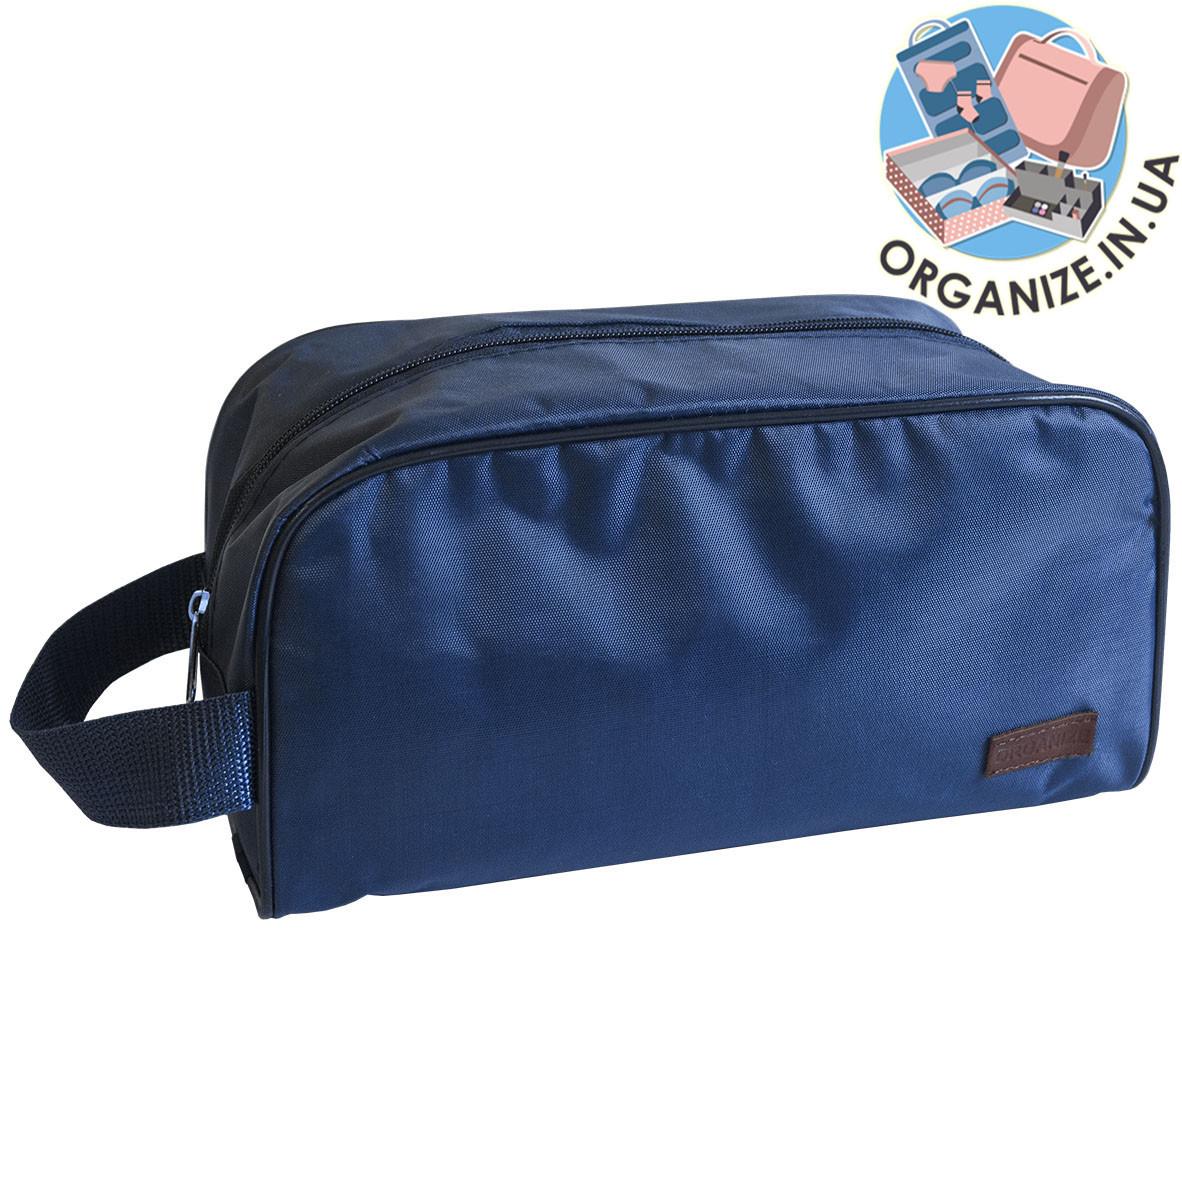 Чоловіча дорожня косметичка\органайзер для подорожей ORGANIZE (синій)